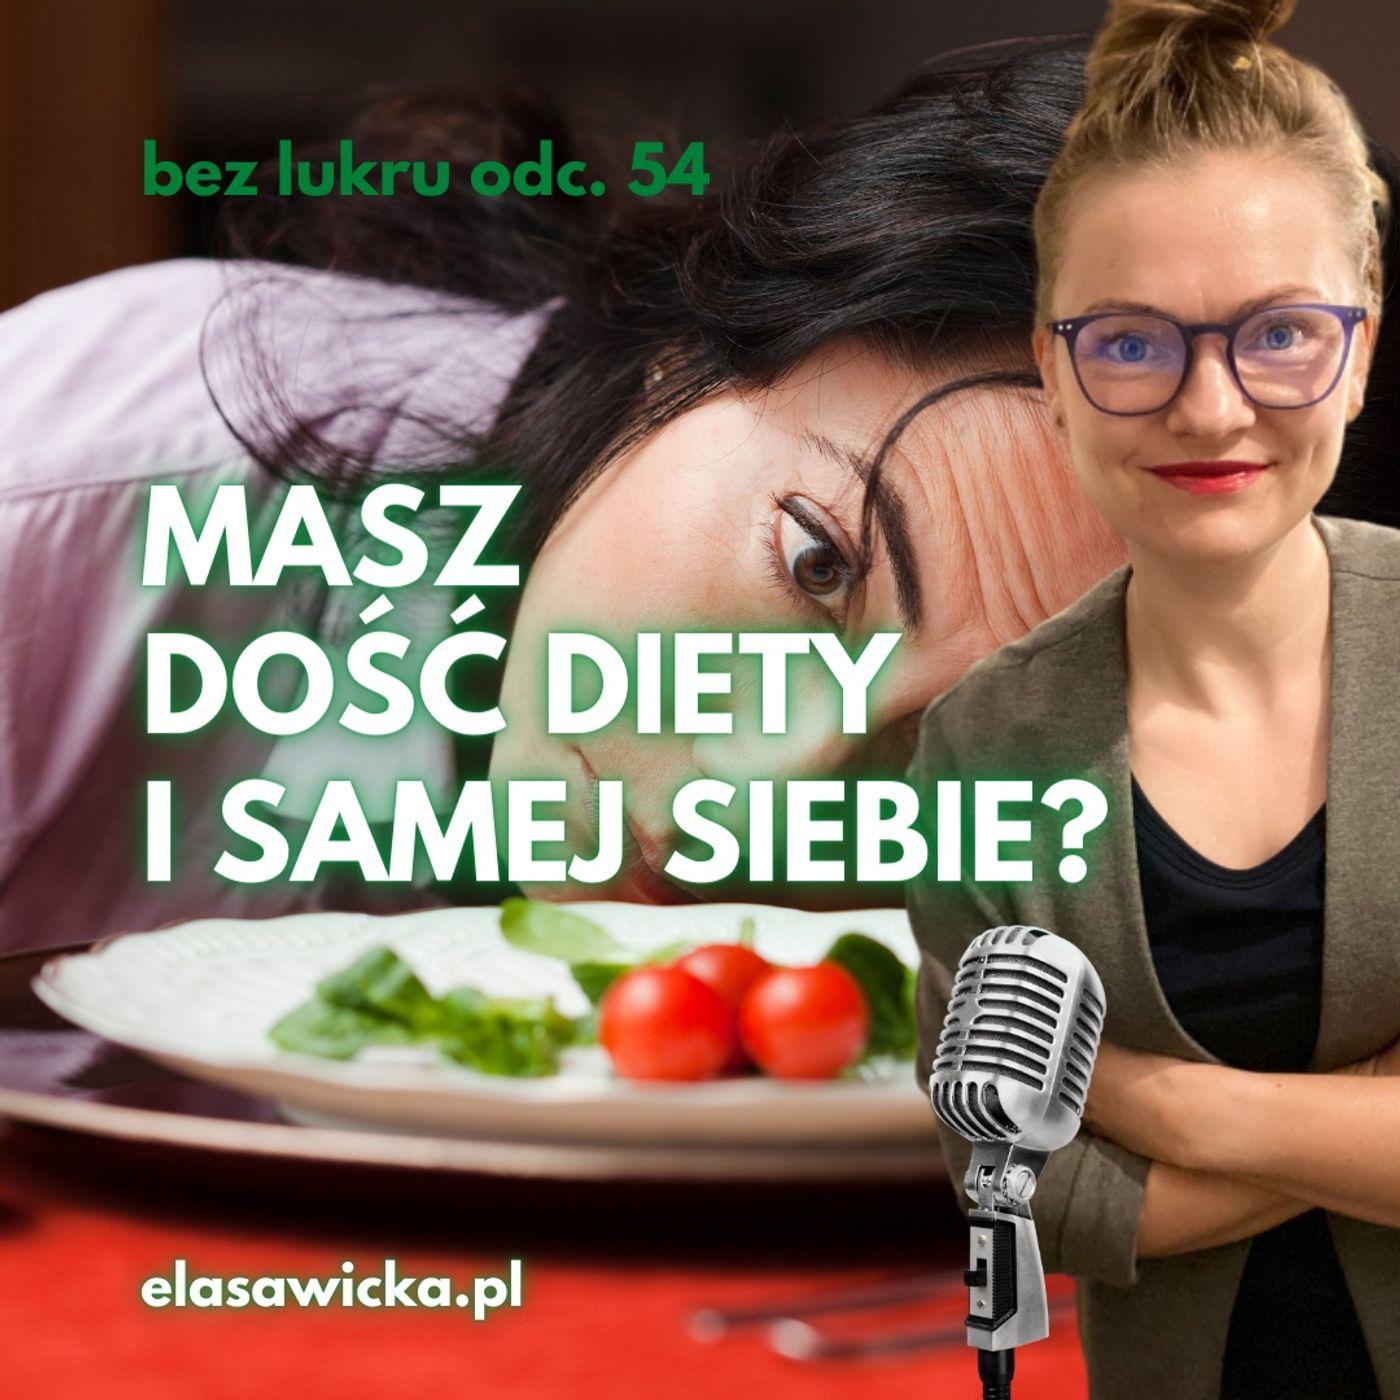 54# Gdzie postawić pierwszy krok, kiedy masz dość gotowania, diety i samej siebie?